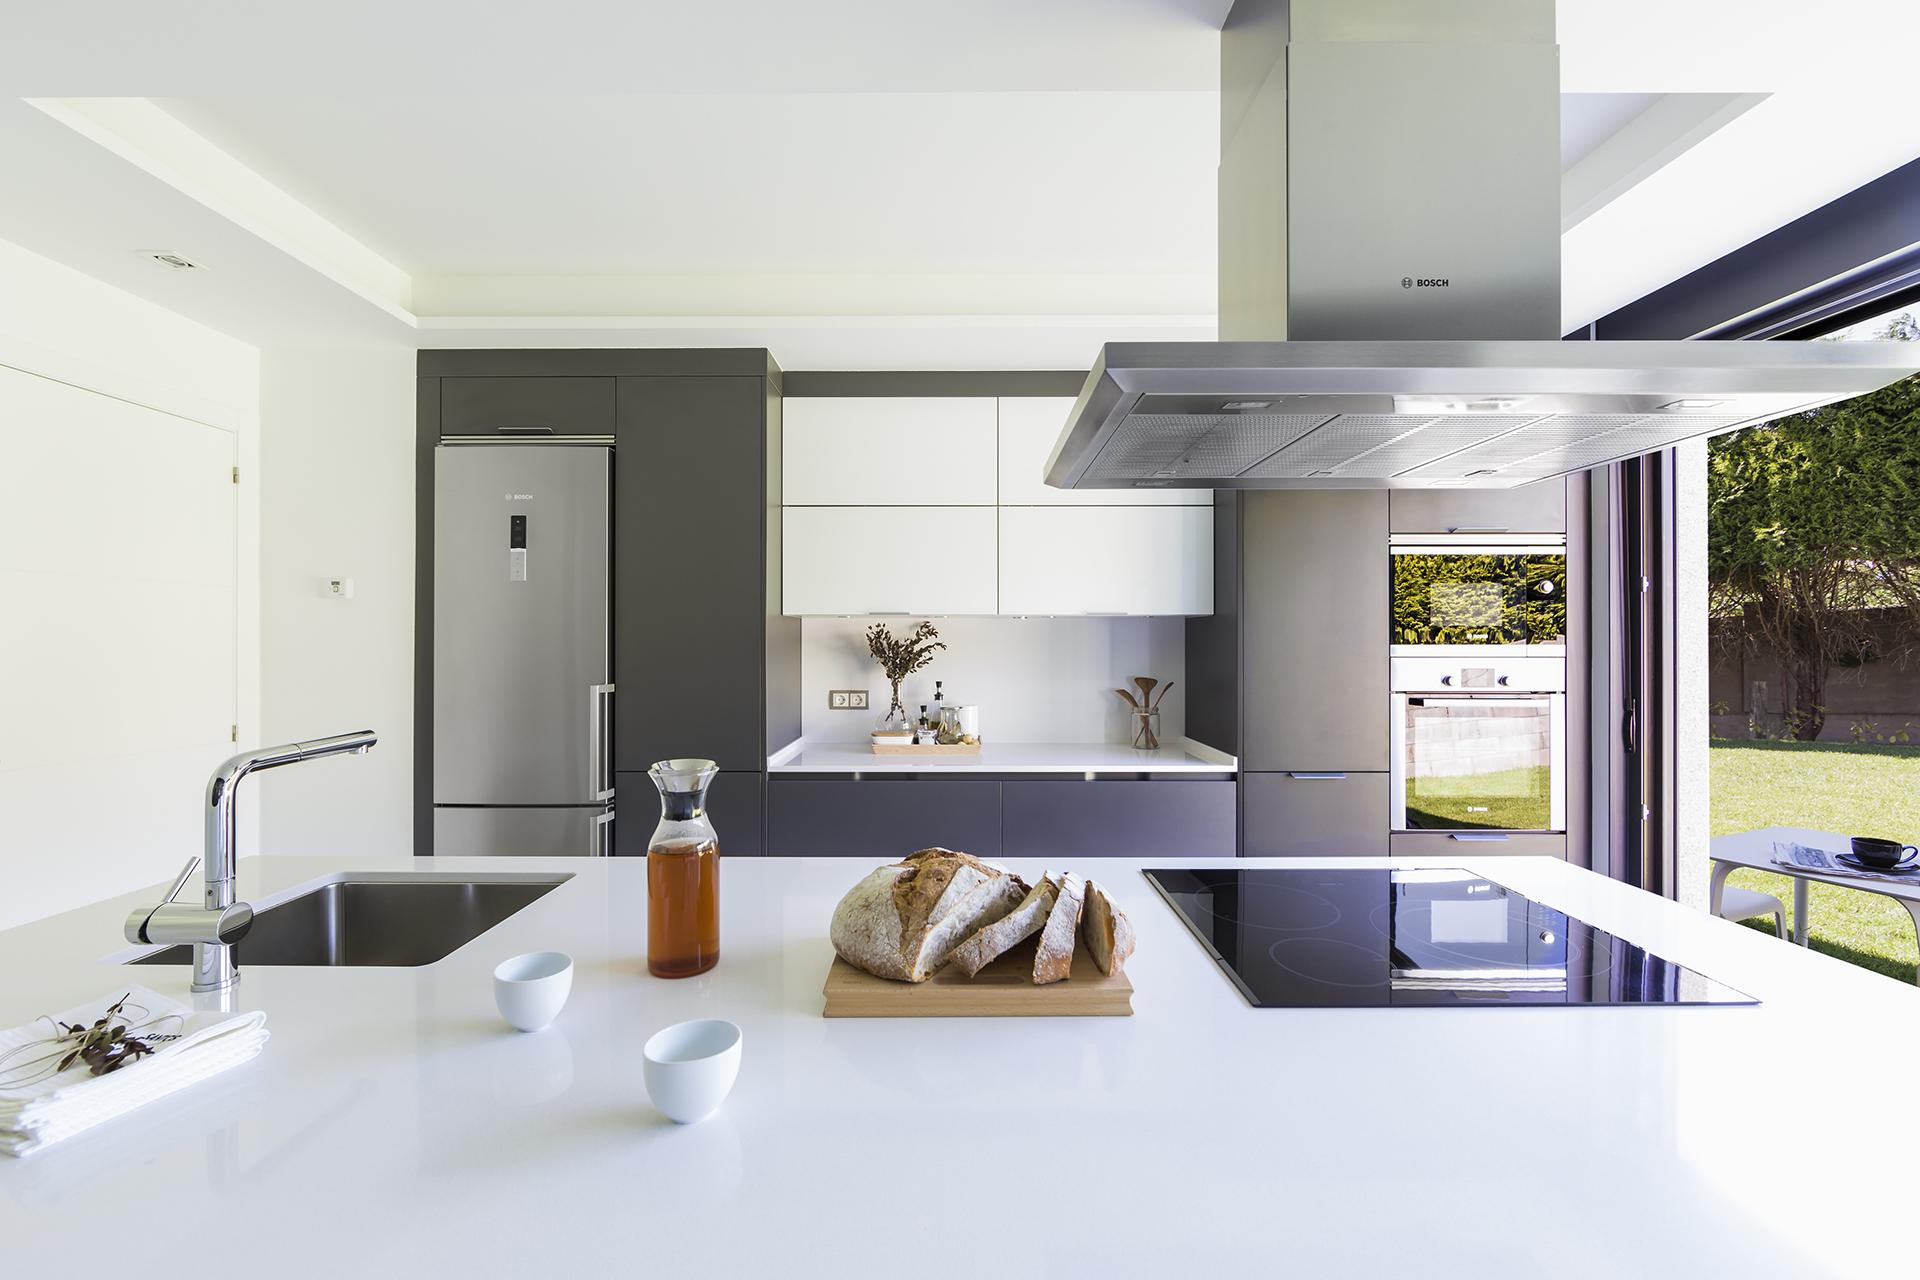 Cociña gris con mesado branco Santiago Interiores